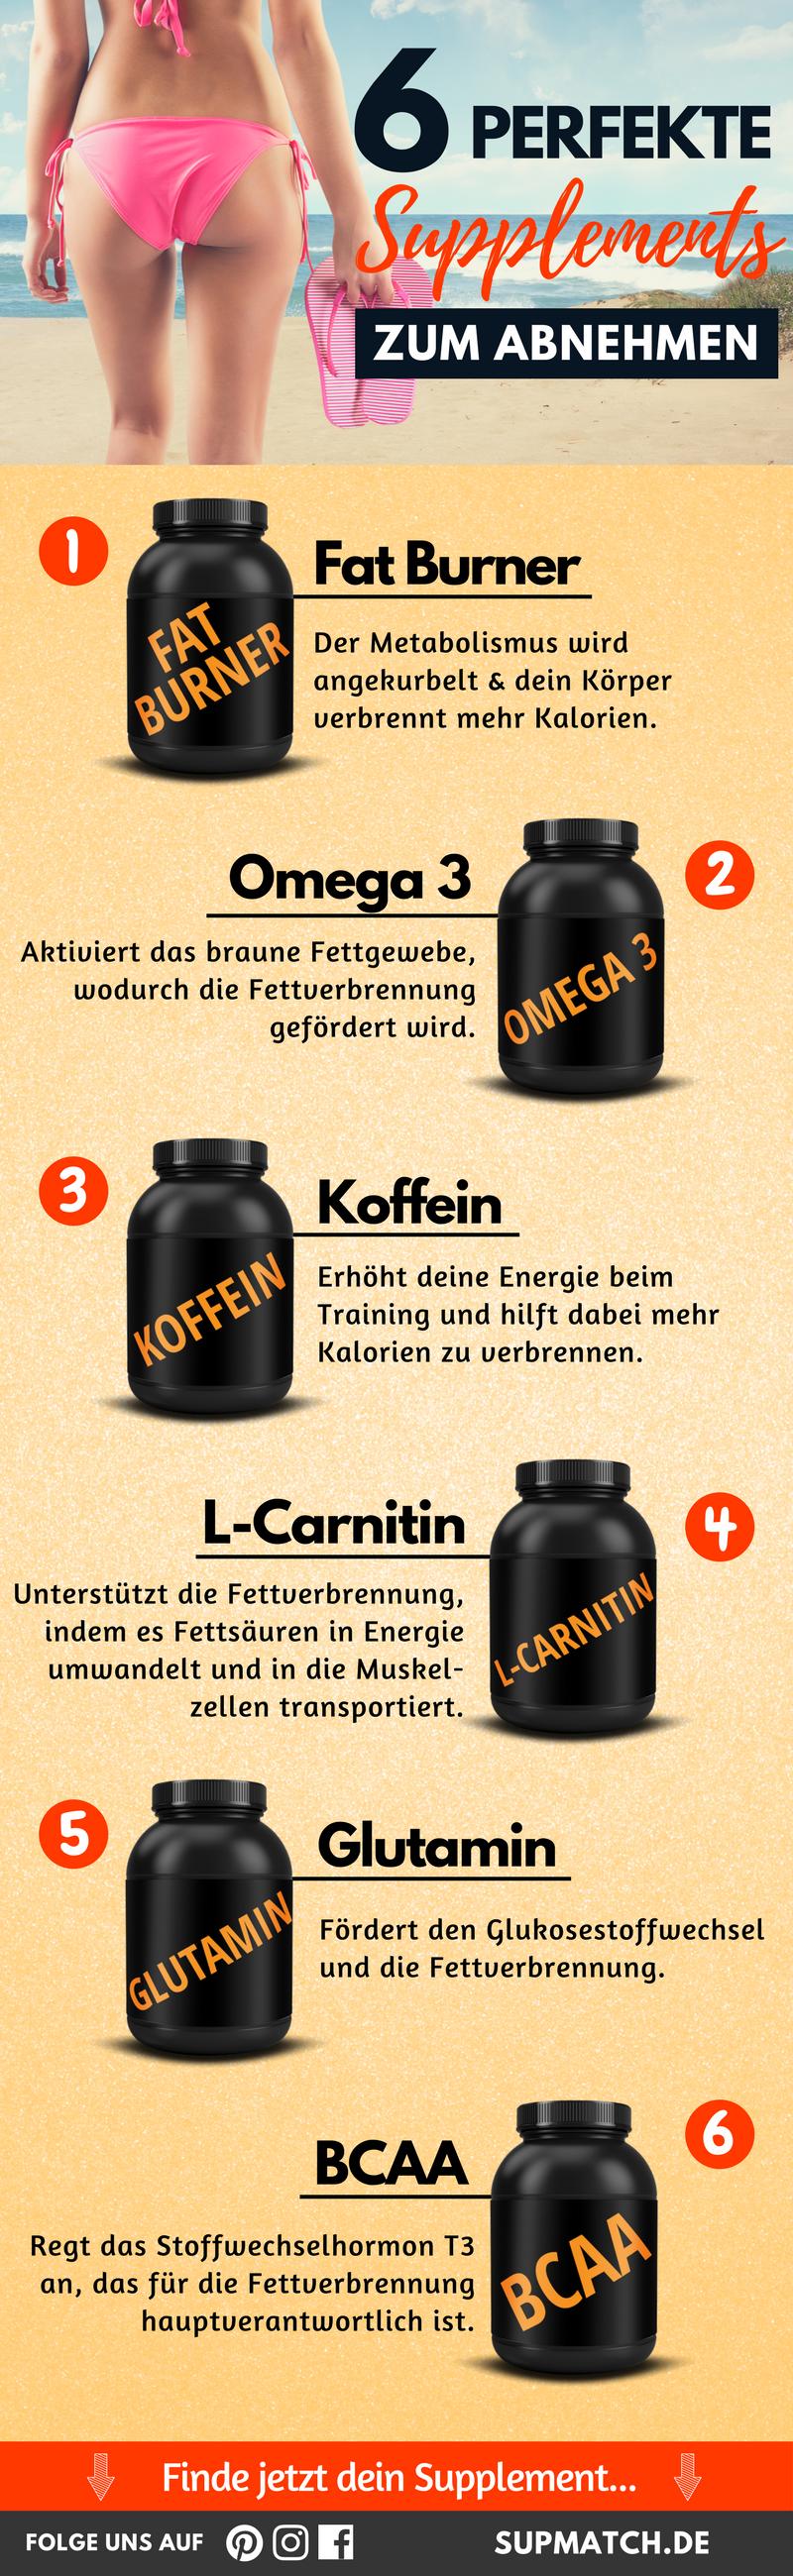 Protein Nahrungsergänzungsmittel zur Gewichtsreduktion